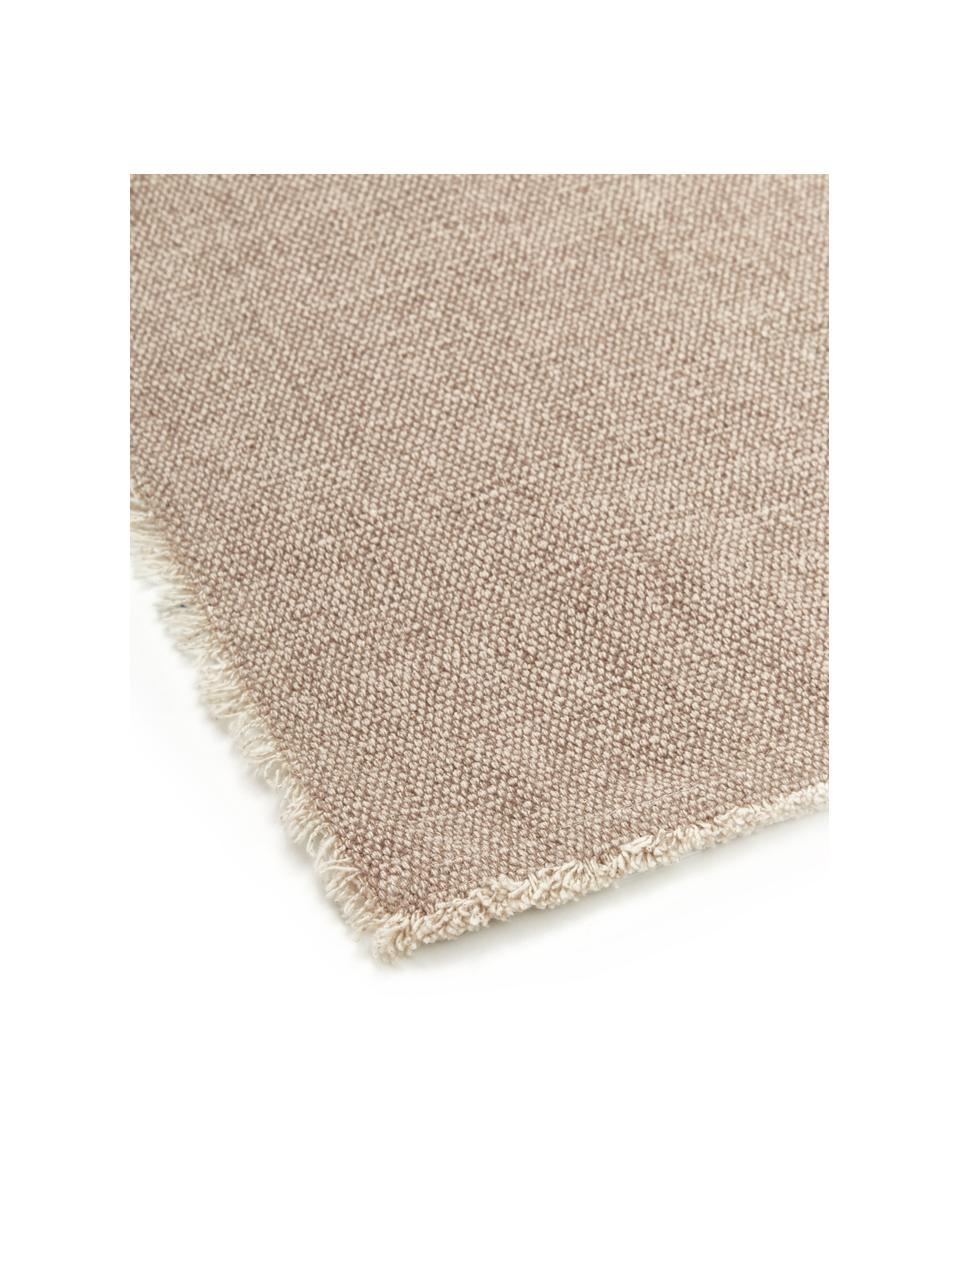 Podkładka z bawełny Edge, 6 szt., 85% bawełna, 15% włókna mieszane, Beżowy, S 35 x D 48 cm